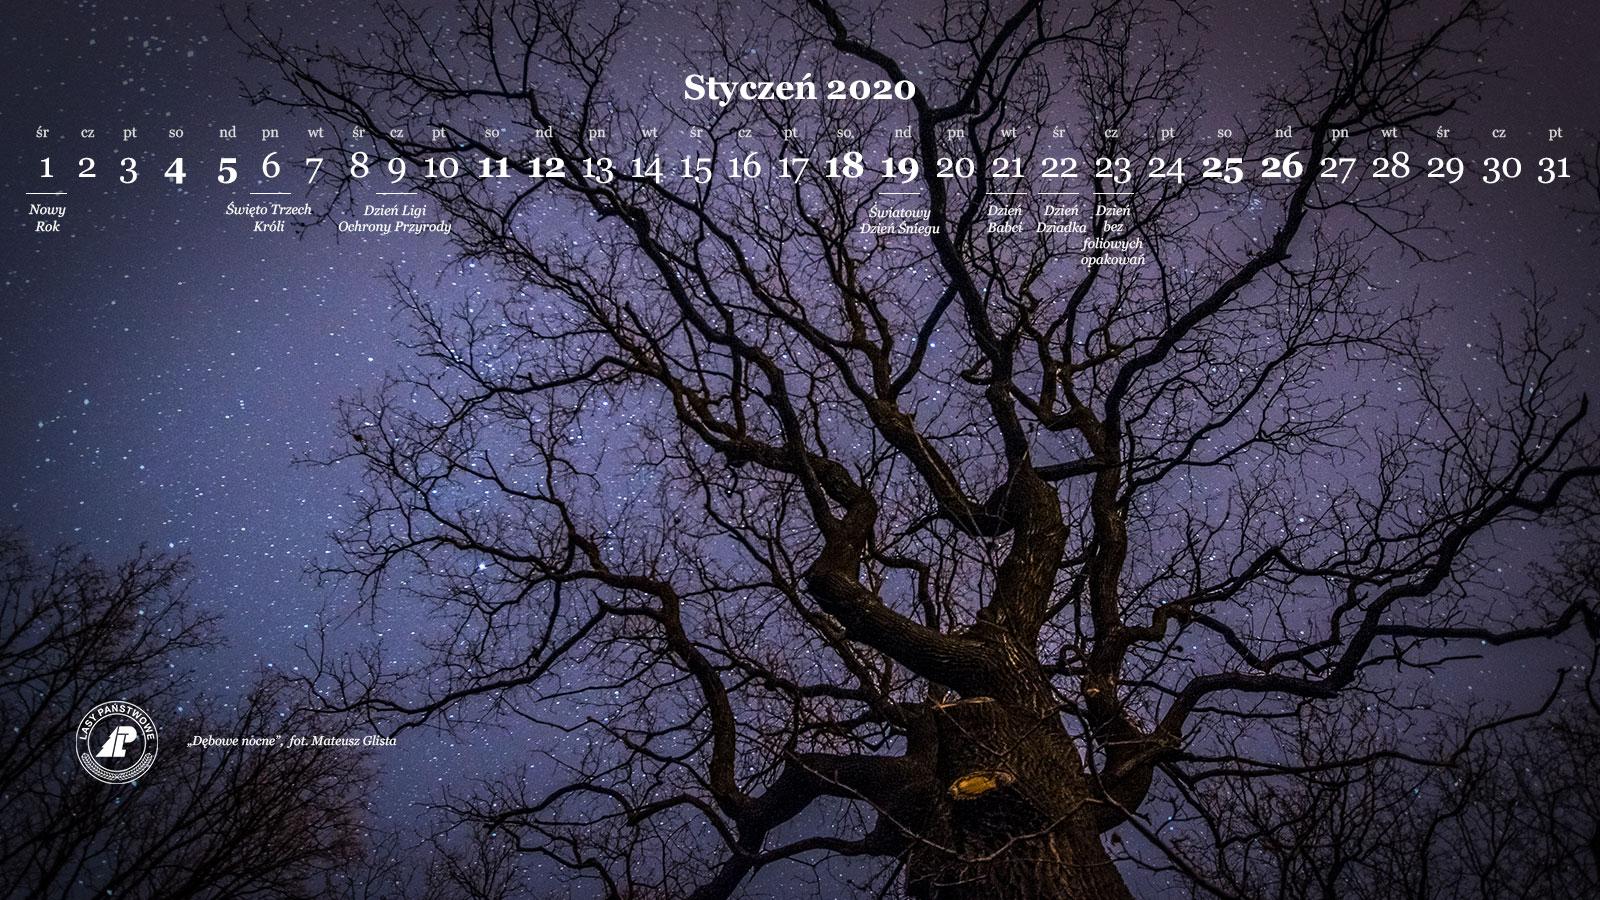 kalendarz_styczen_2020_1600x900.jpg